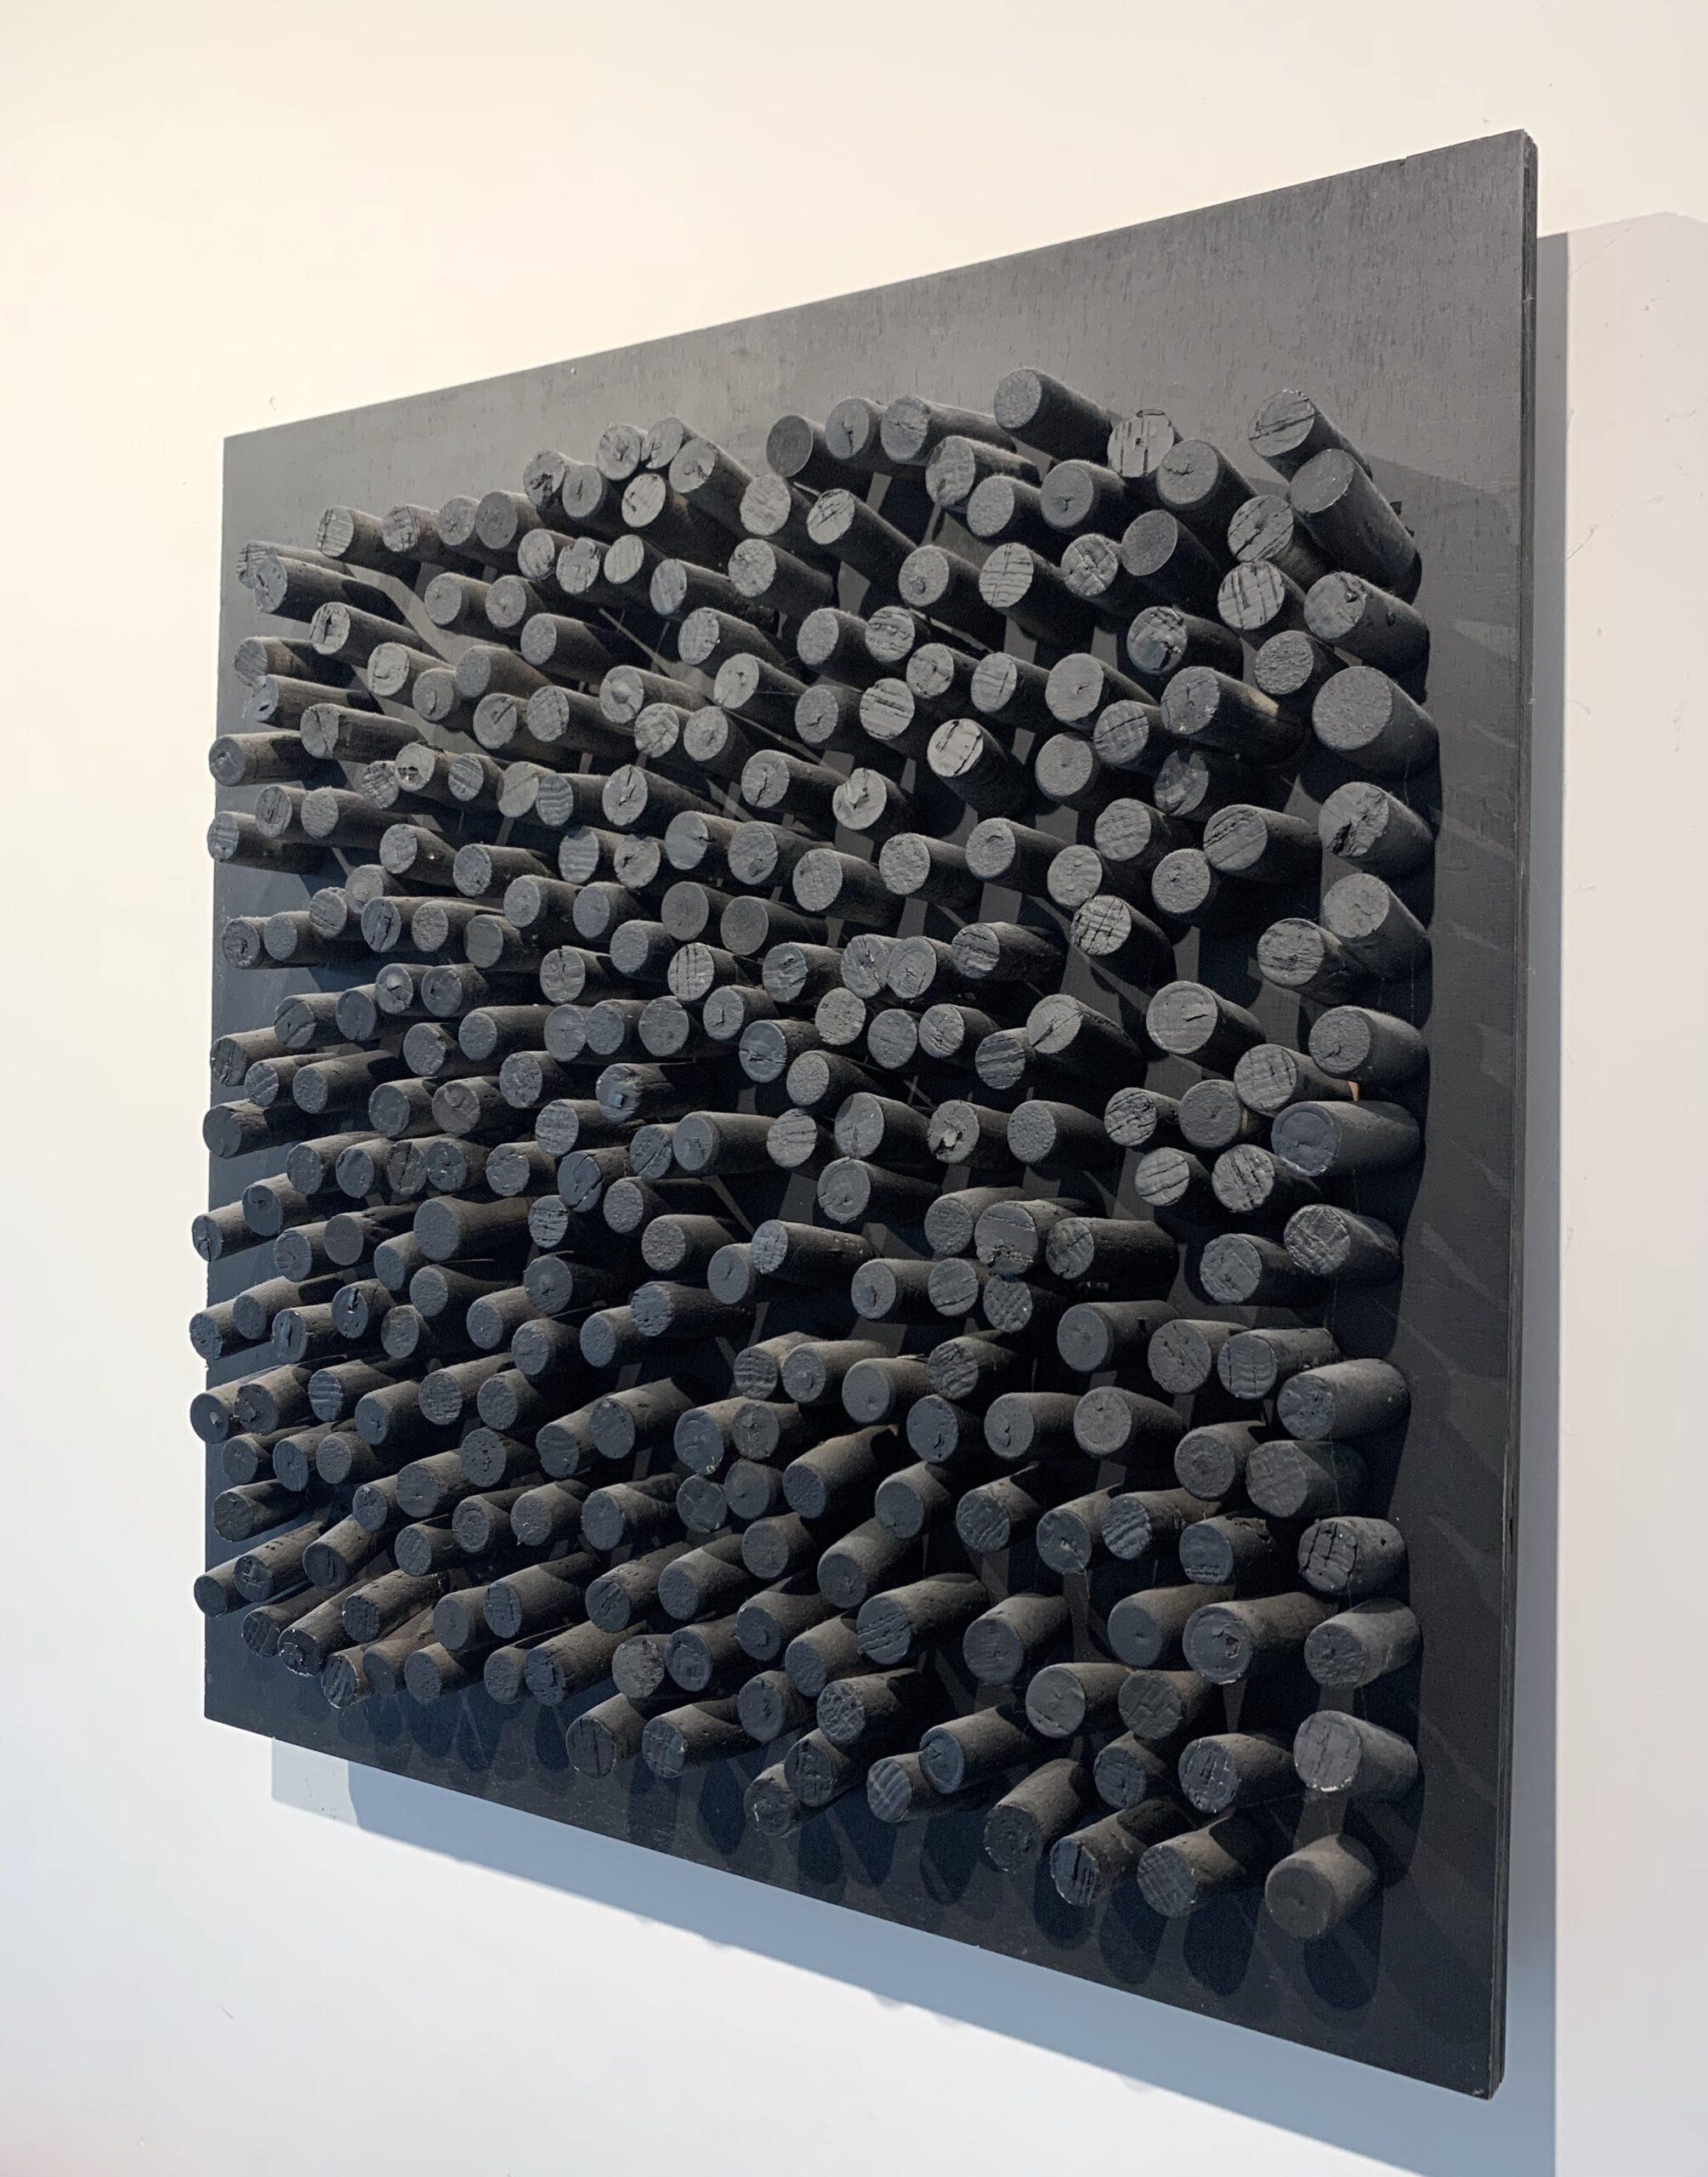 Jan Henderikse, Untitled, 2013 - corks on panel